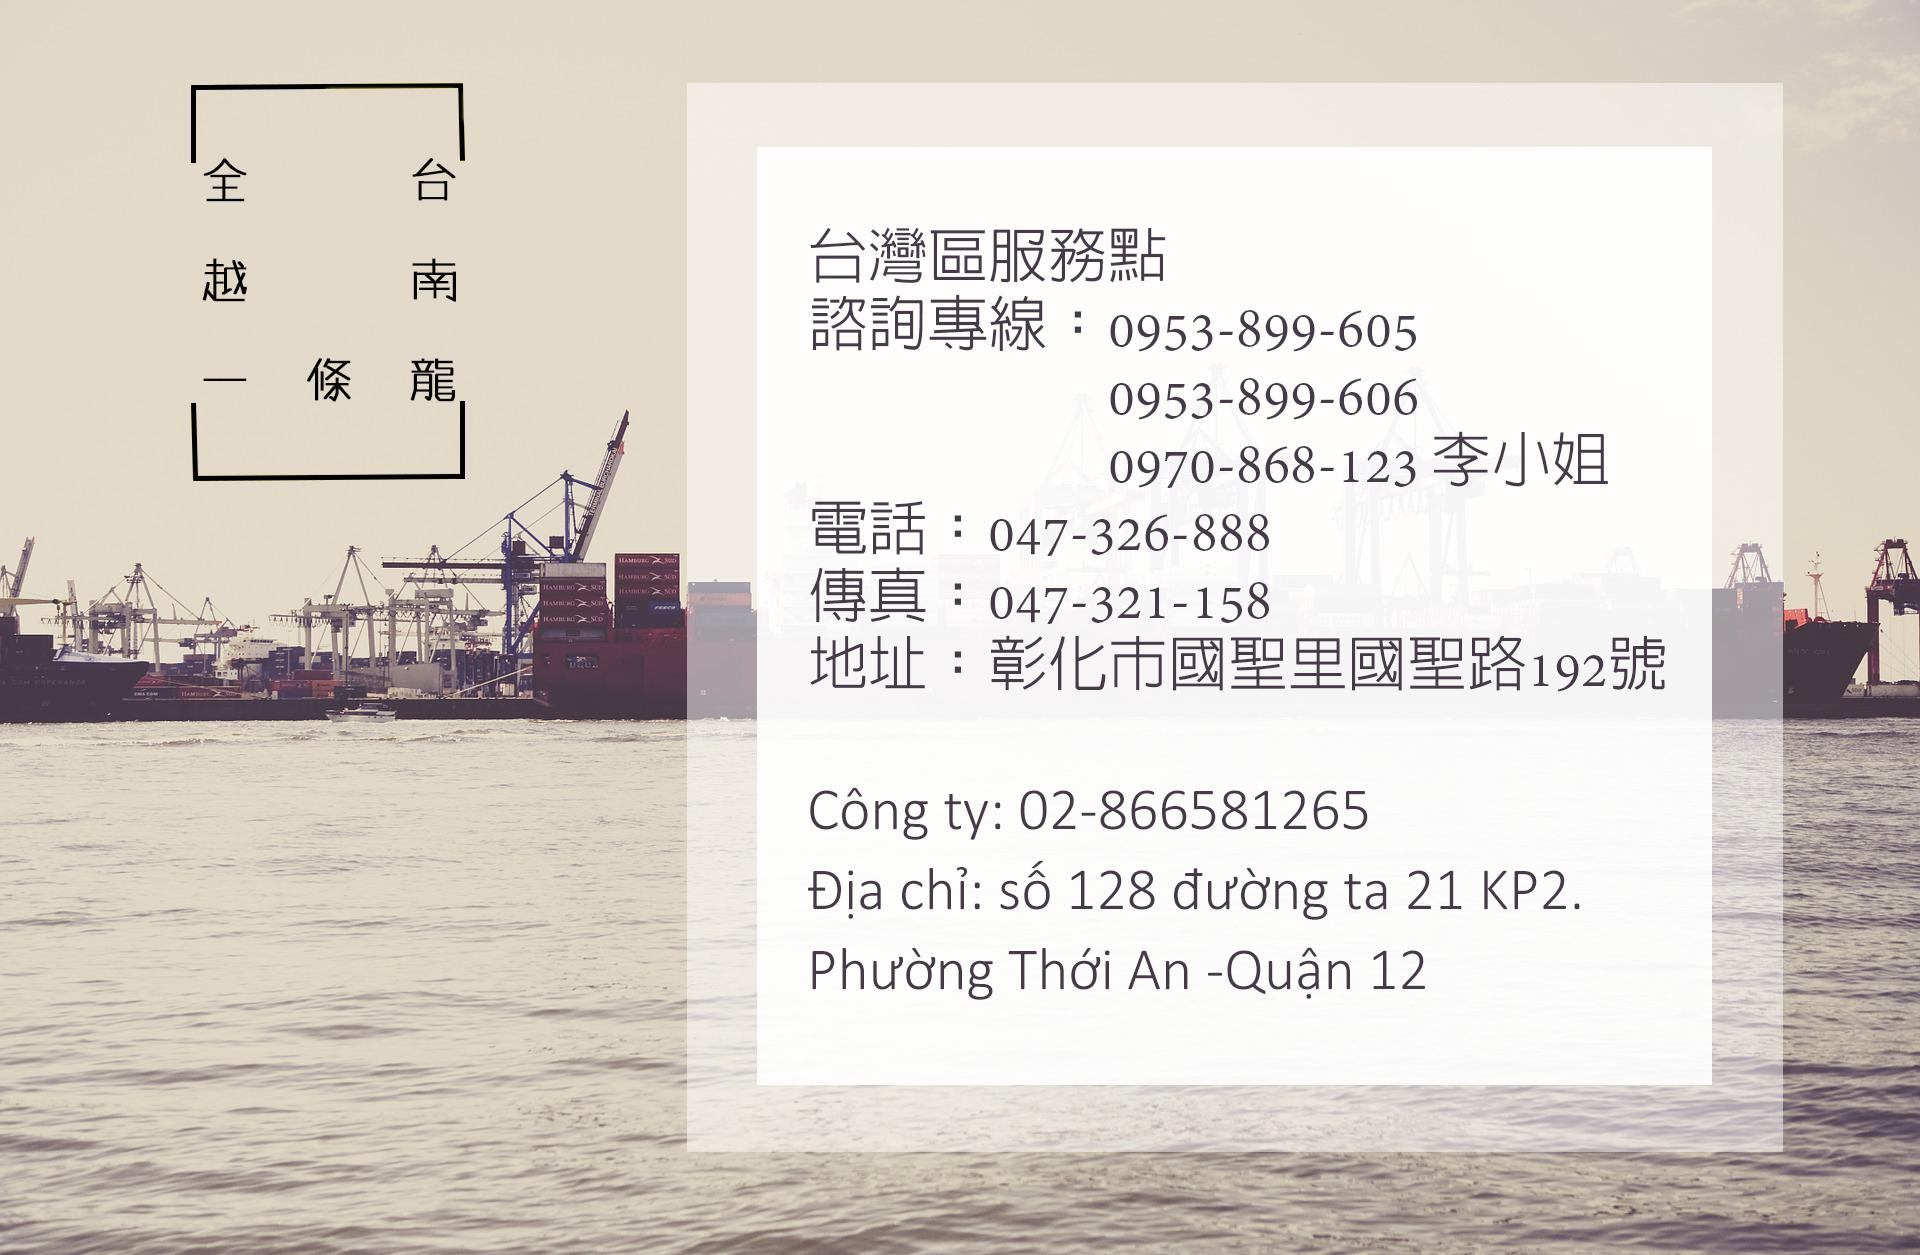 全台越南一條龍0316(2).png